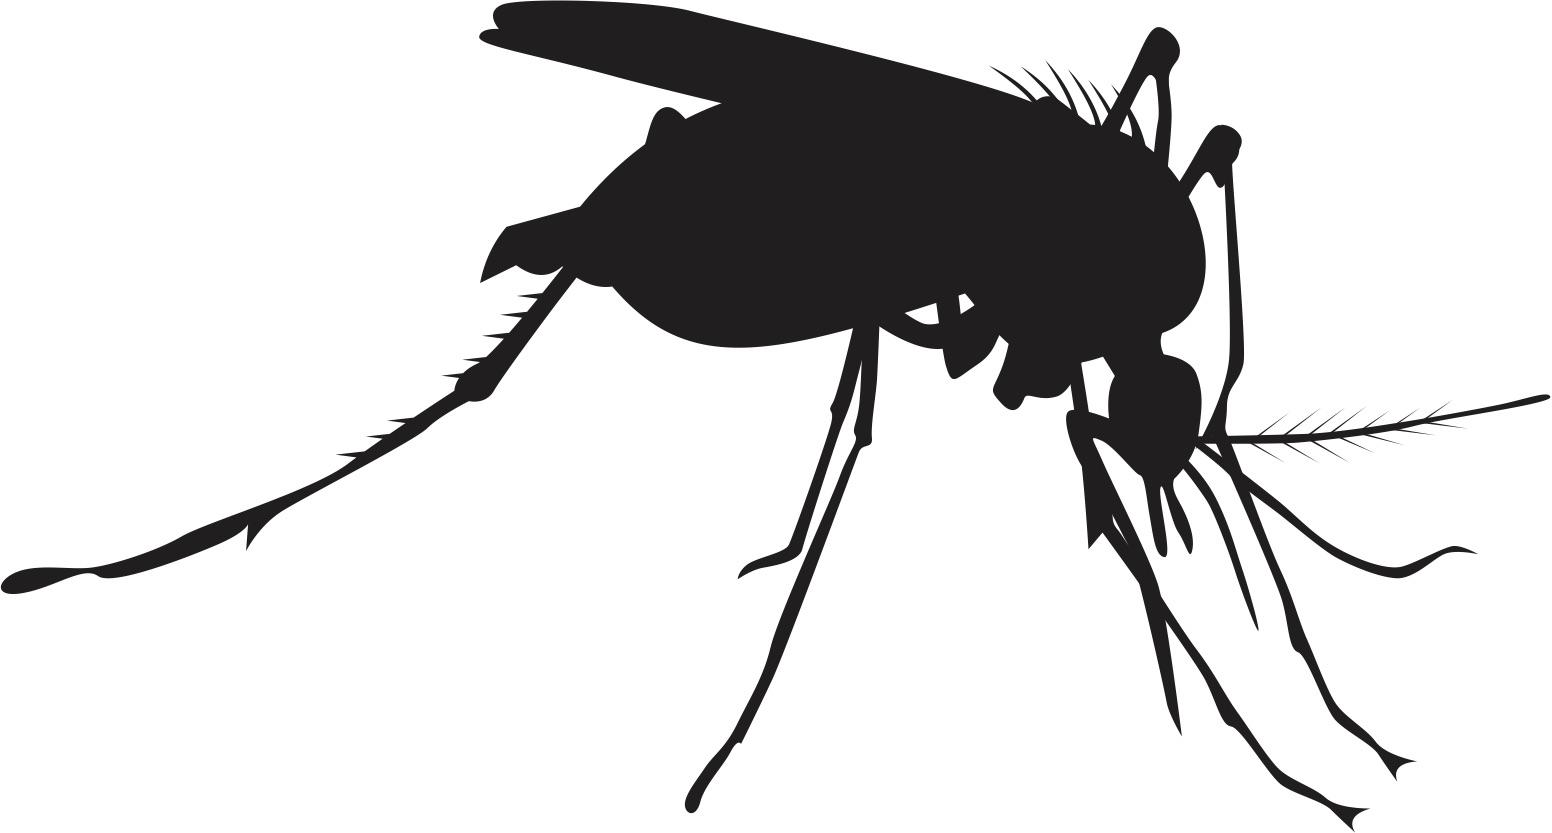 mosquito_GJMUsvId